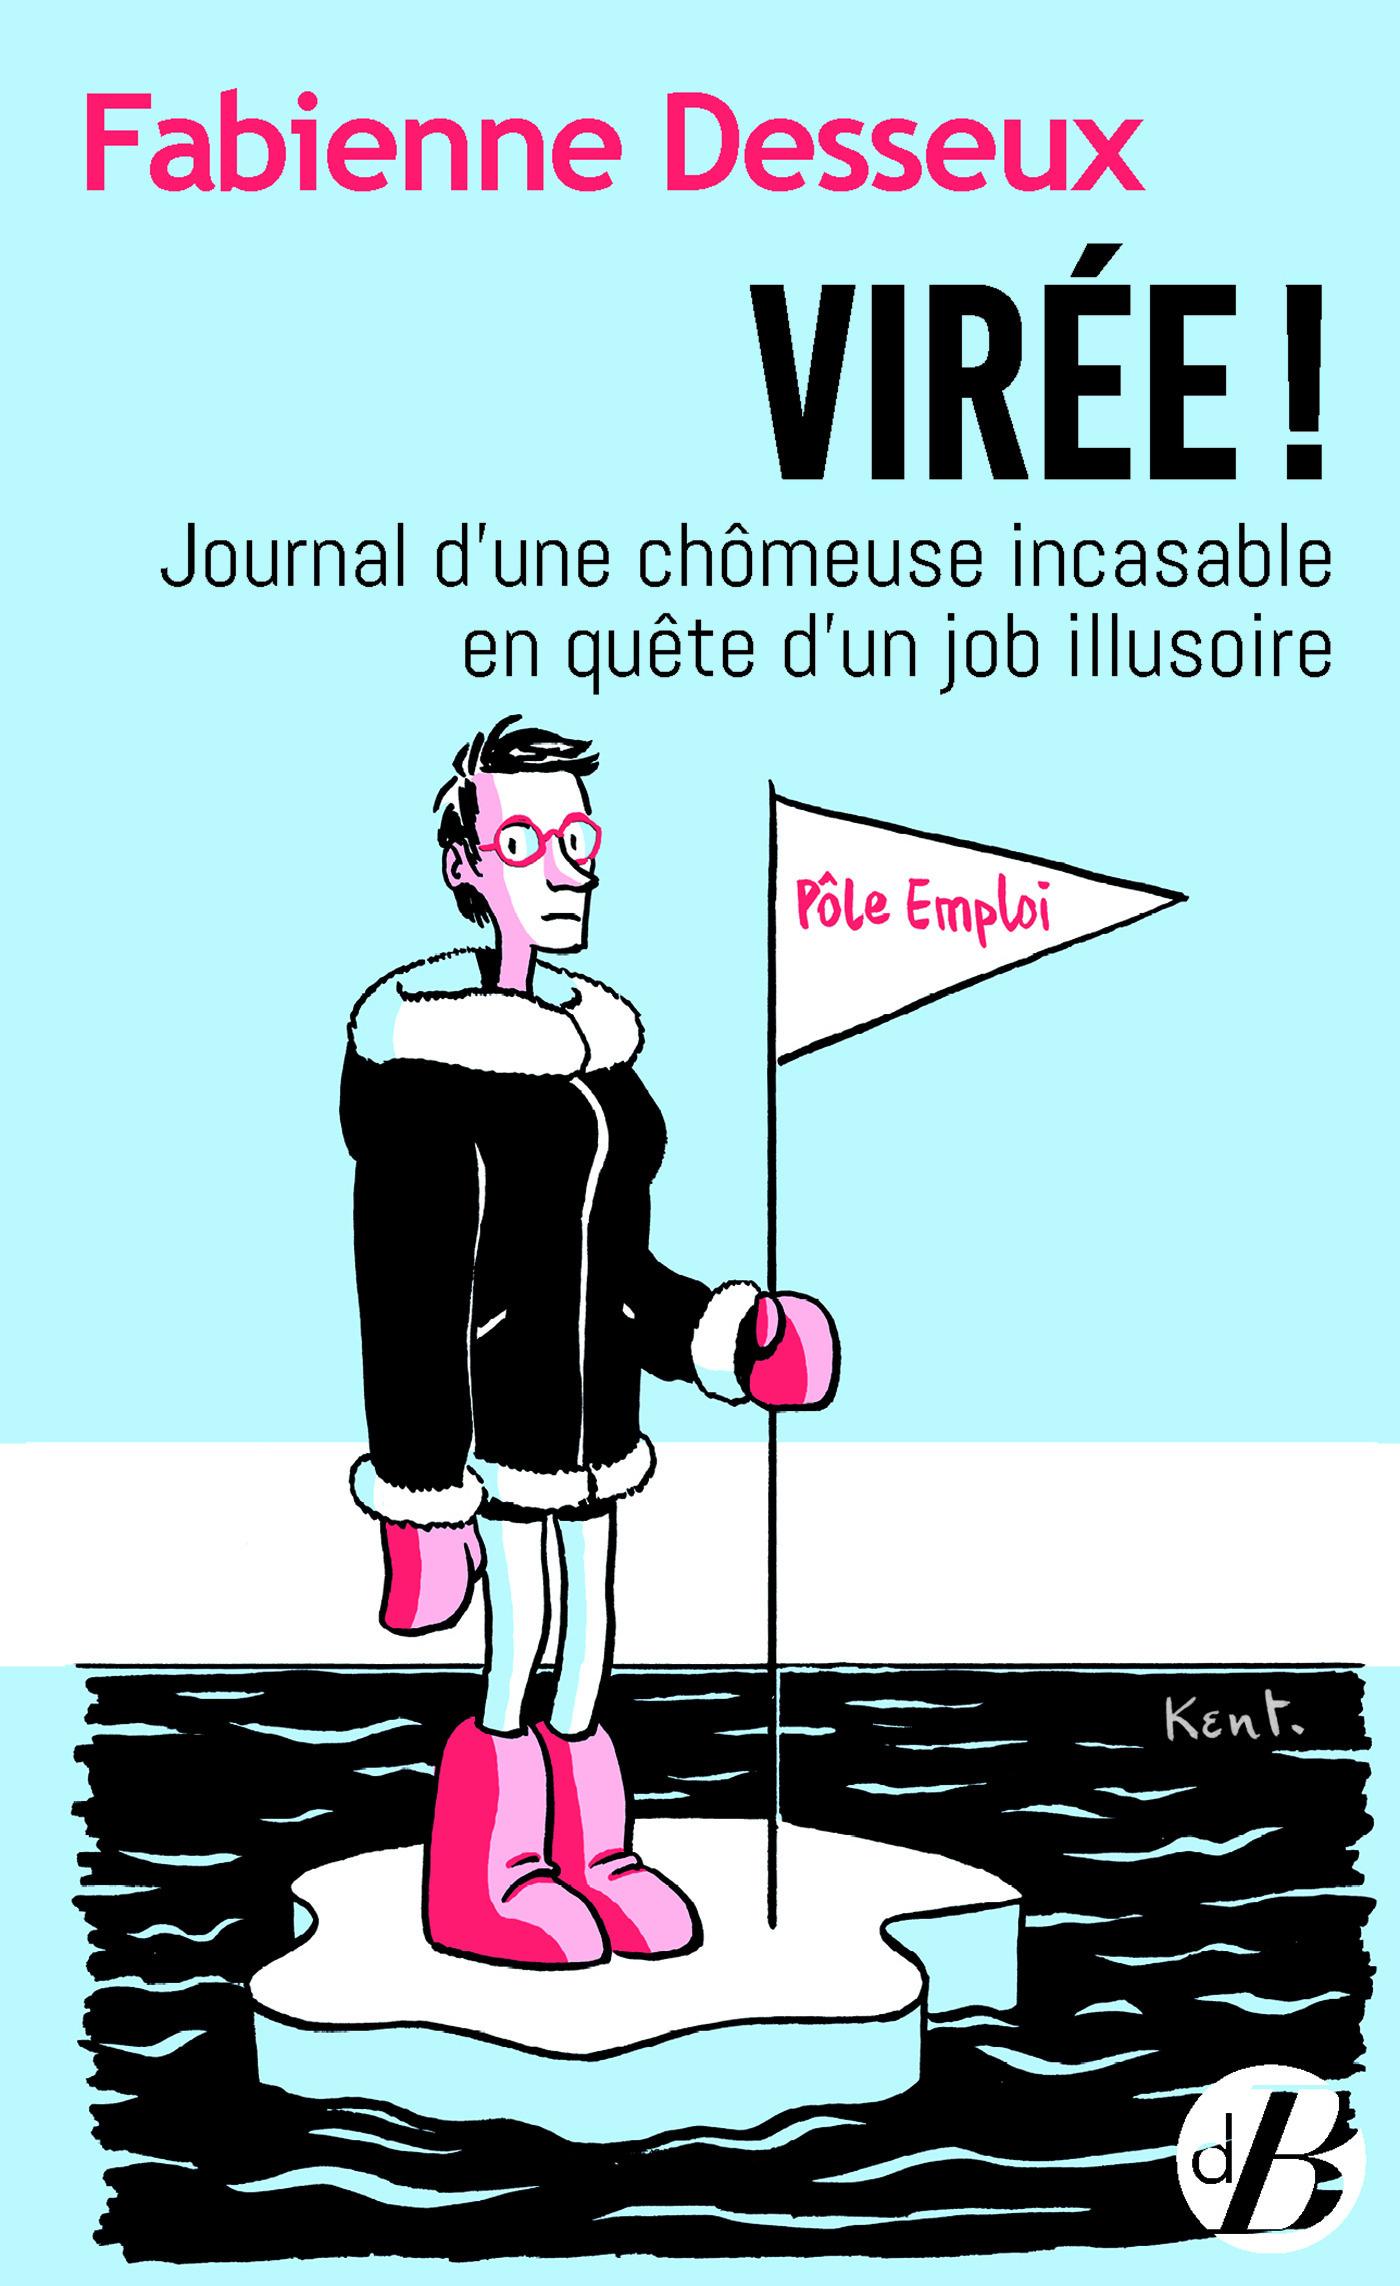 Virée ! journal d'une chomeuse incasable en quête d'un job illusoire